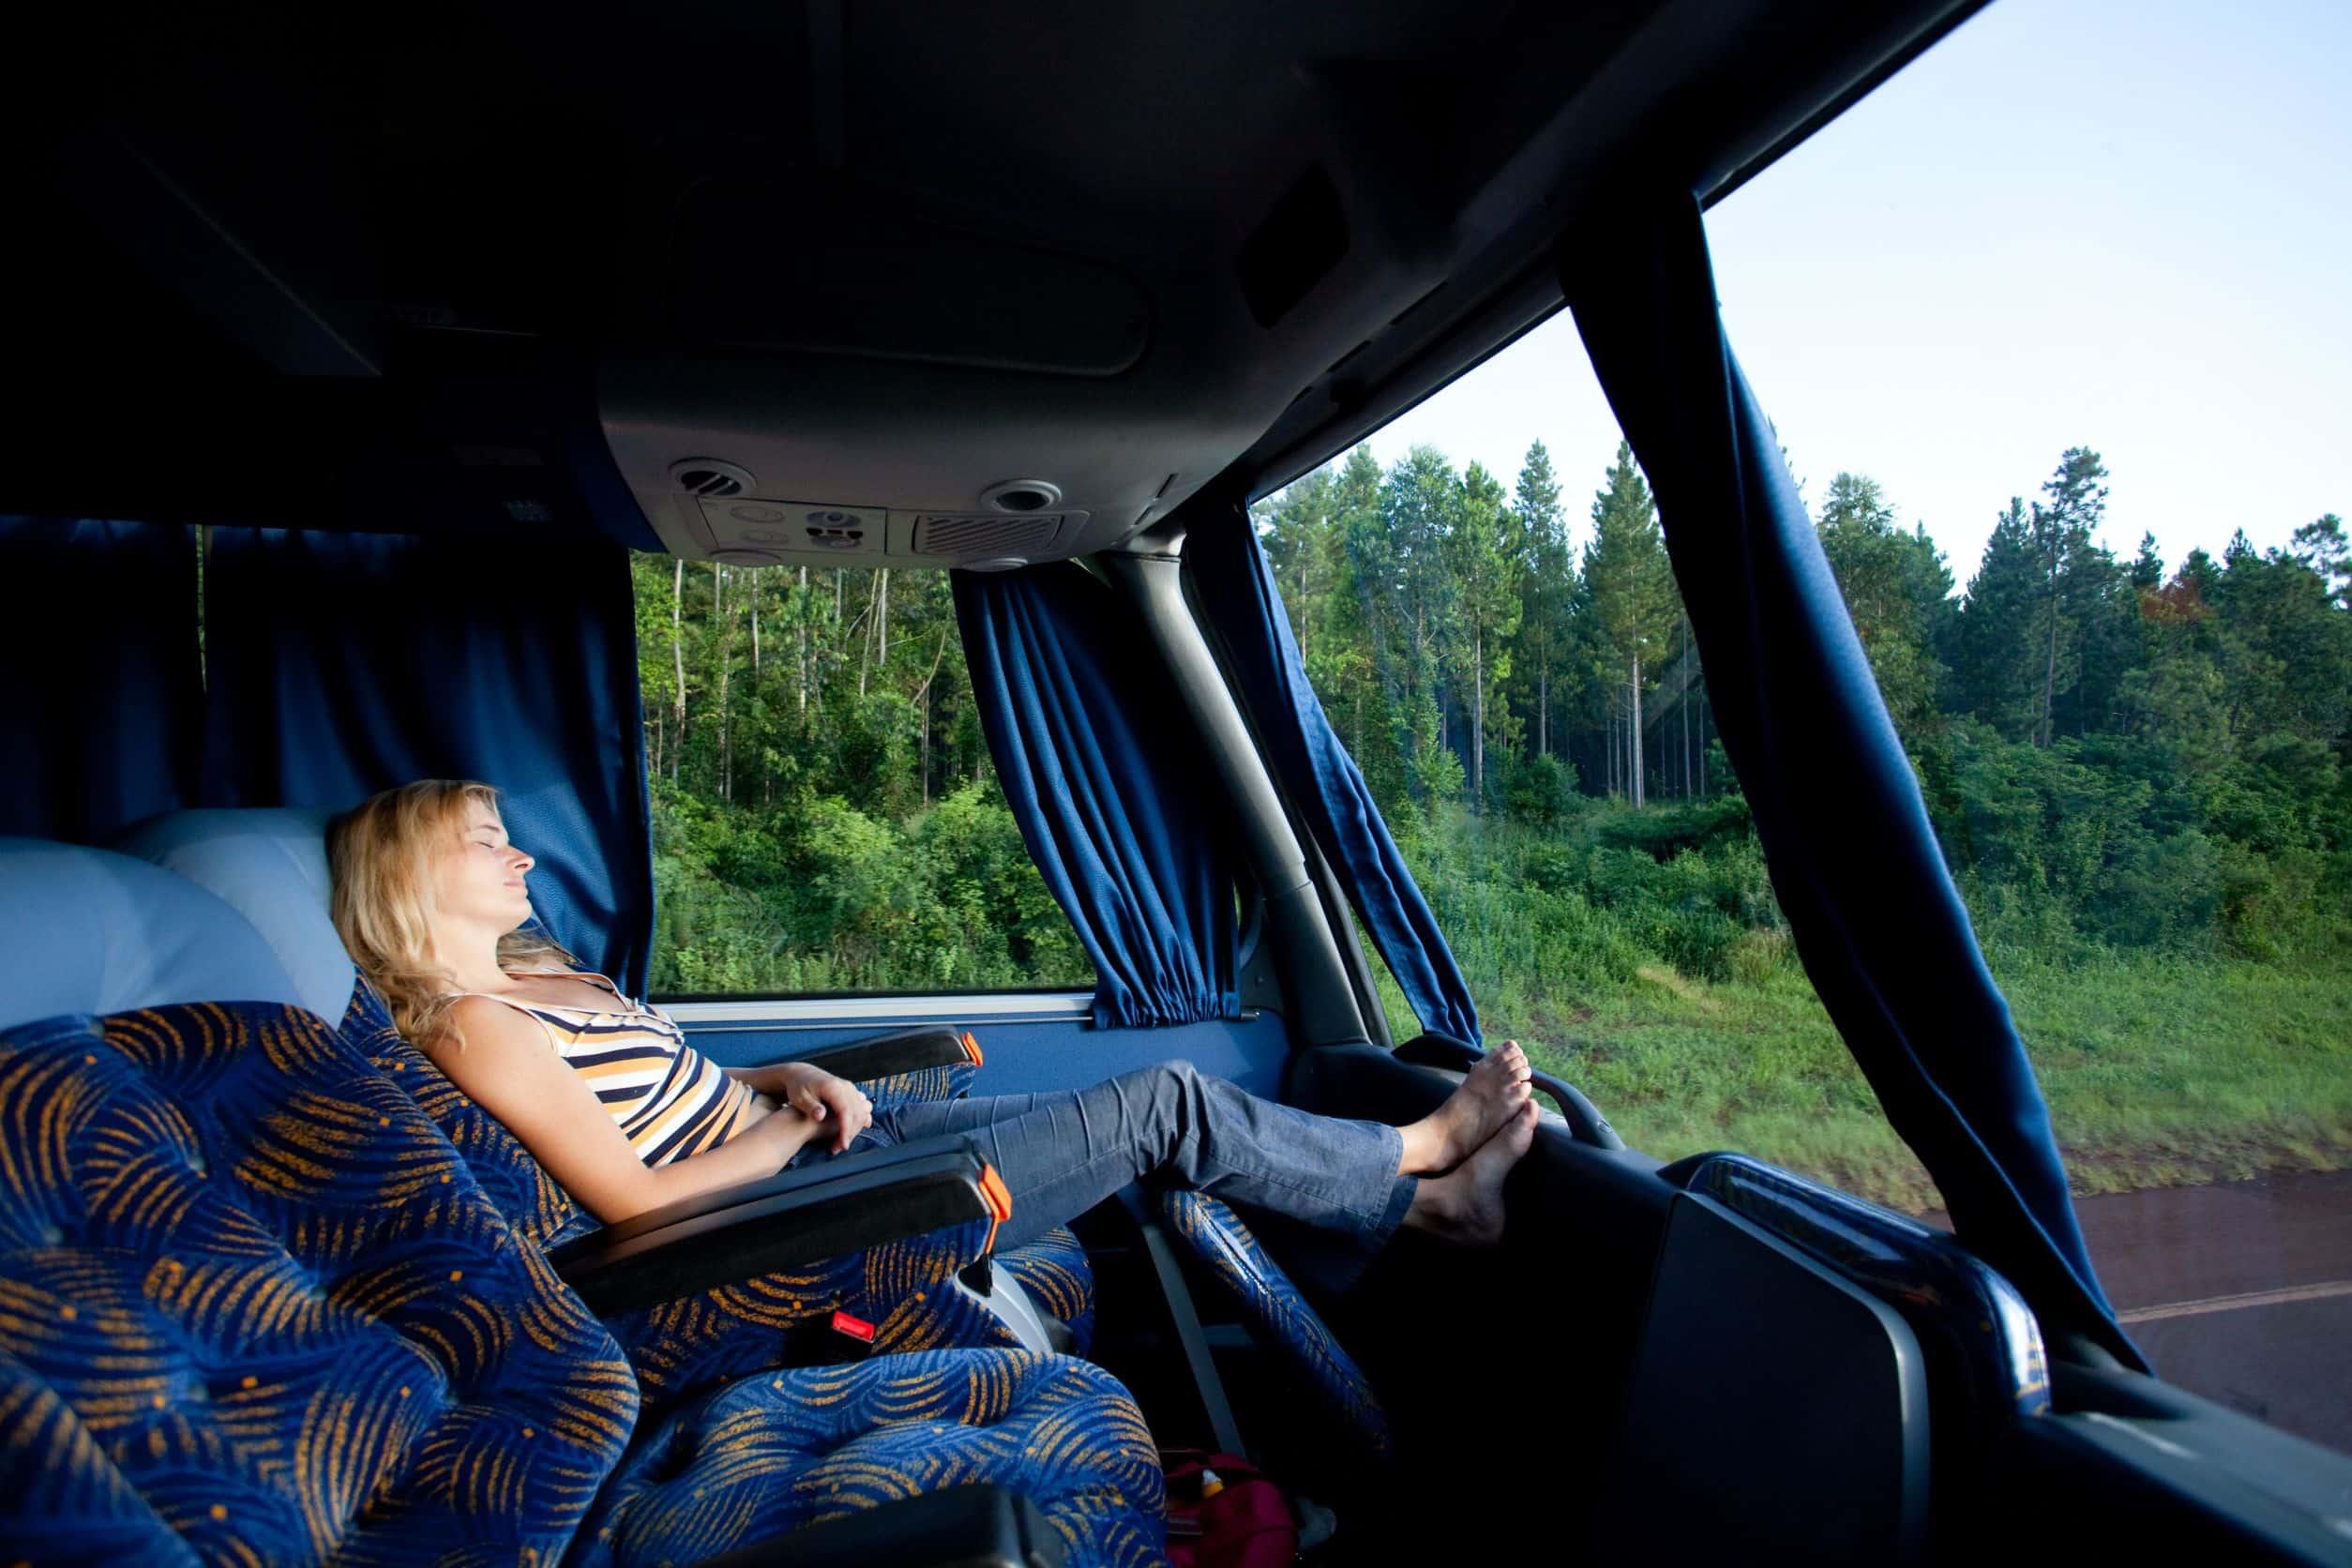 chica durmiendo en un autocar